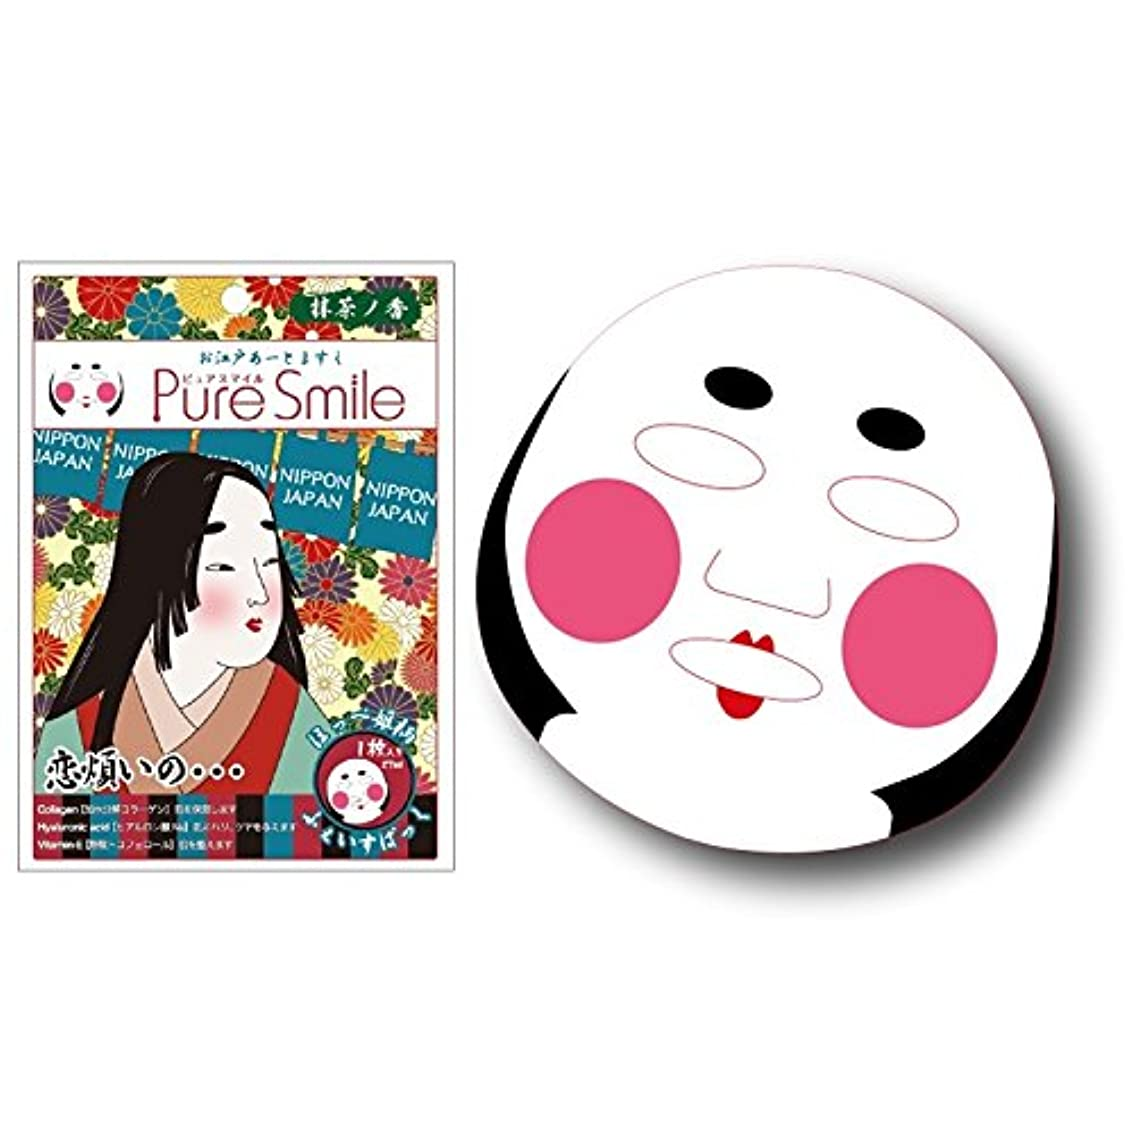 確認する空白即席Pure Smile お江戸アートマスク (ほっぺ姫)